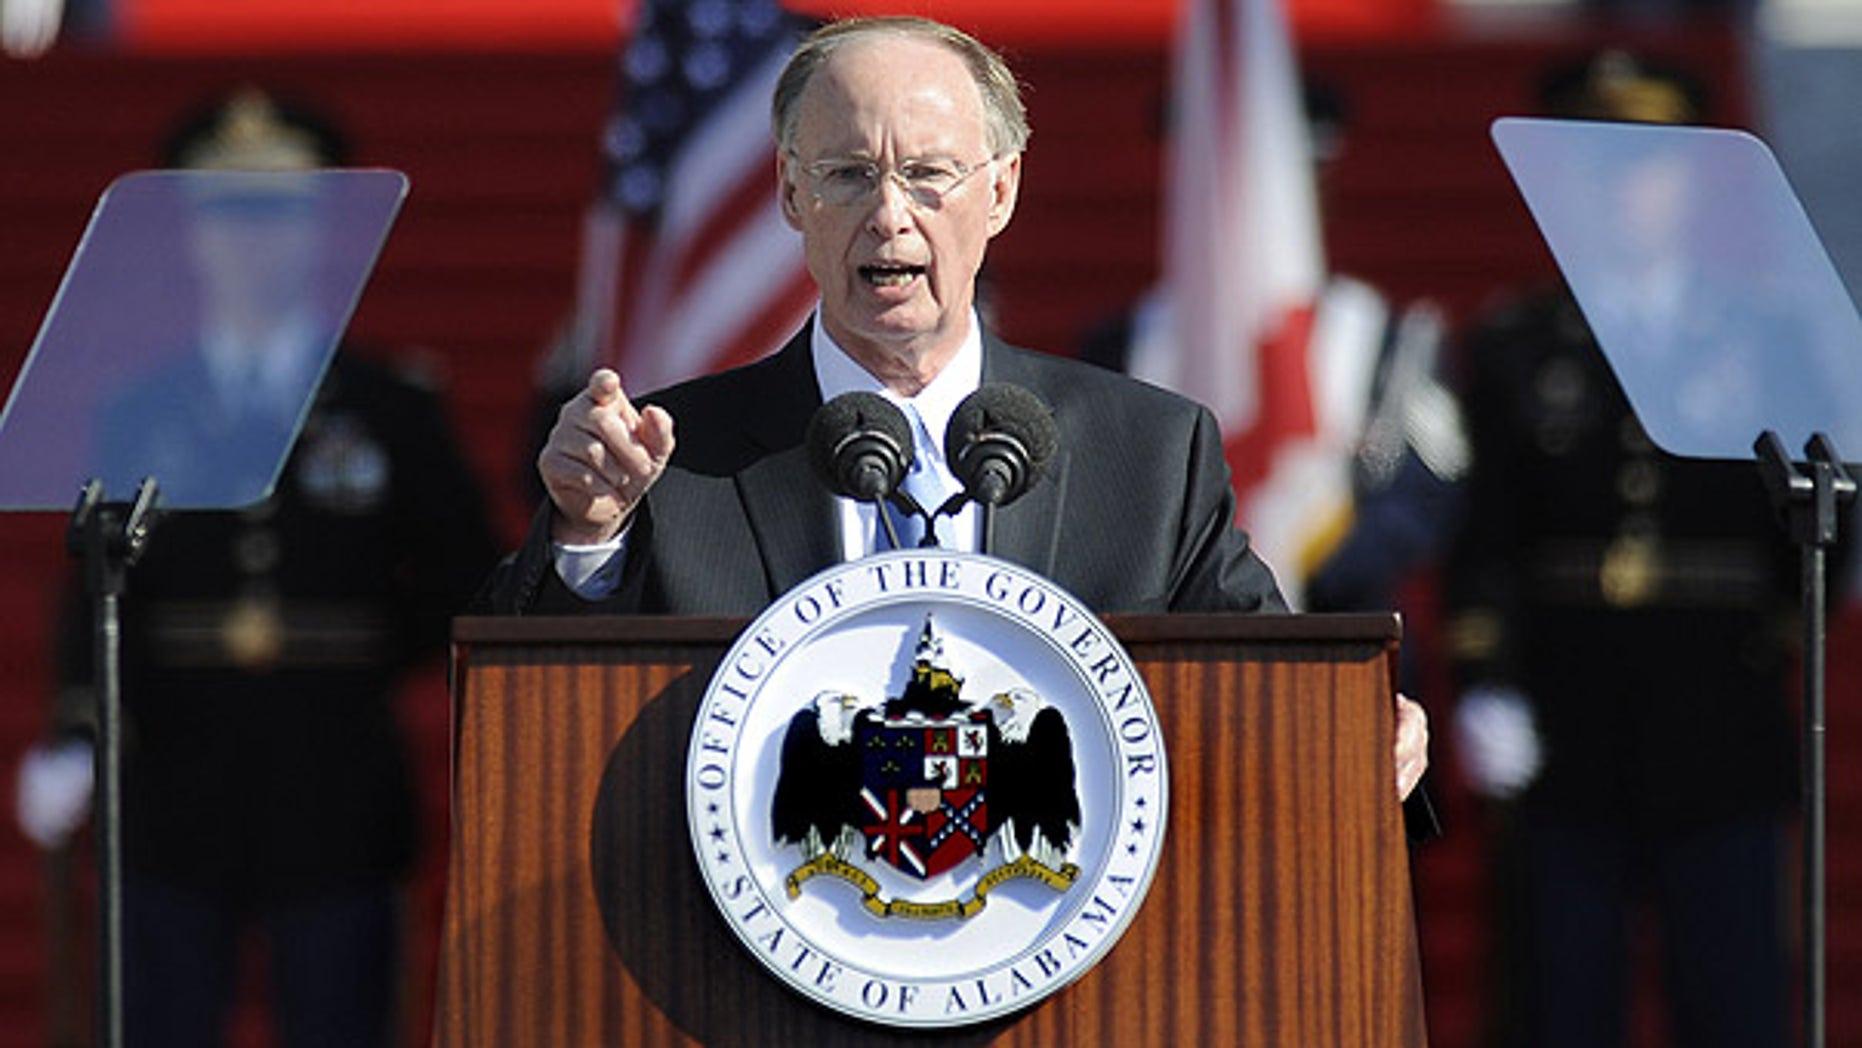 Jan. 17: Alabama Gov. Robert Bentley delivers a speech after being sworn in, in Montgomery.